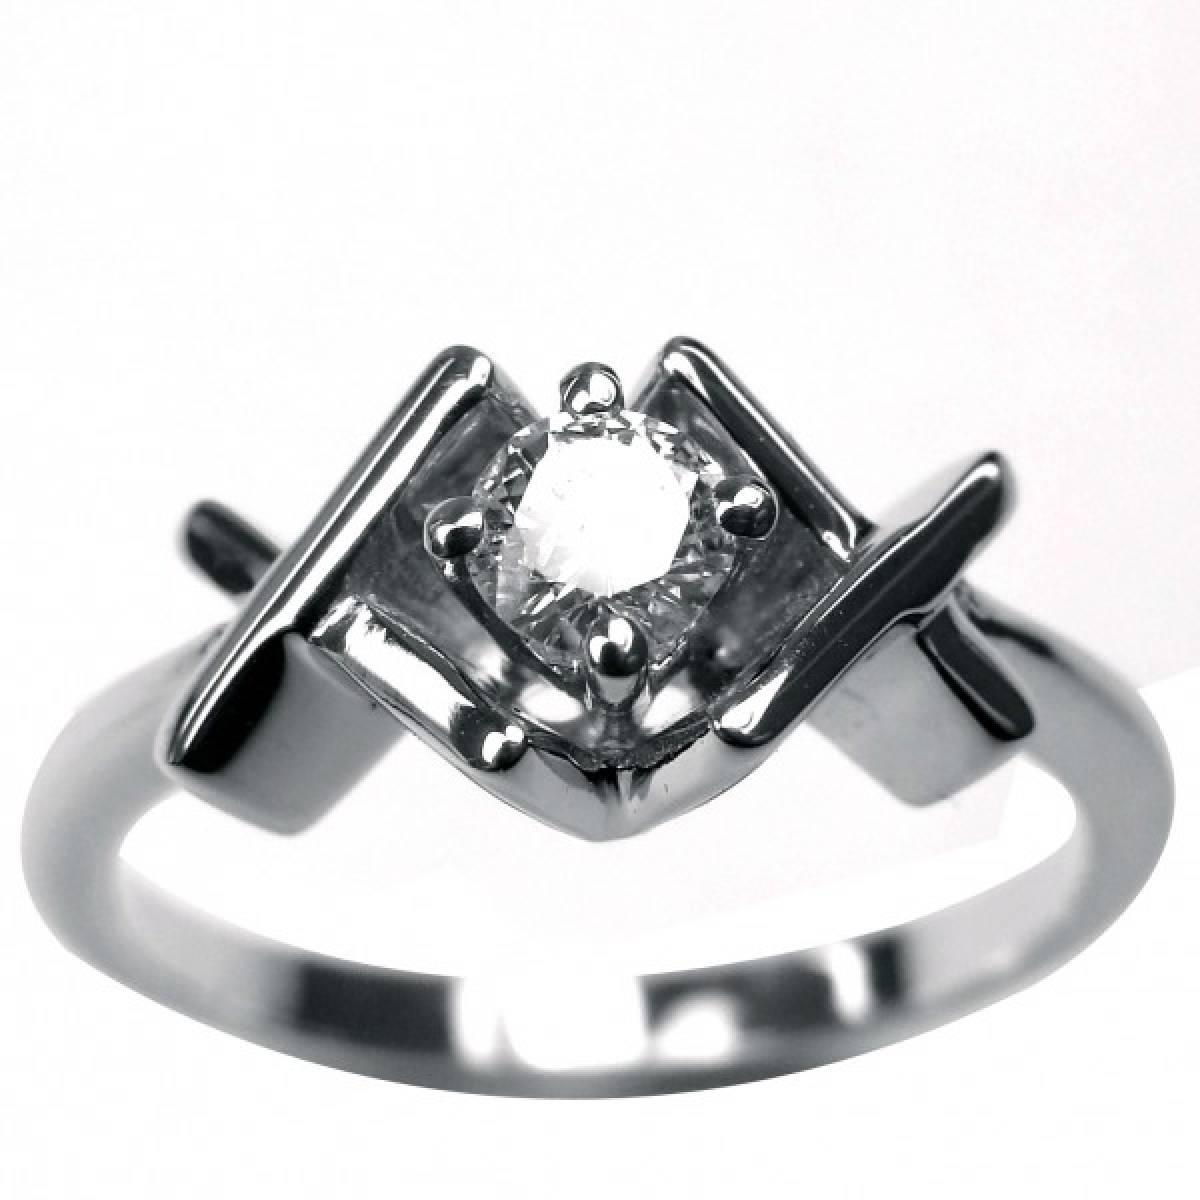 Anel de Noivado em ouro de 19,2 kts, com 1 diamante de 0,23 cts